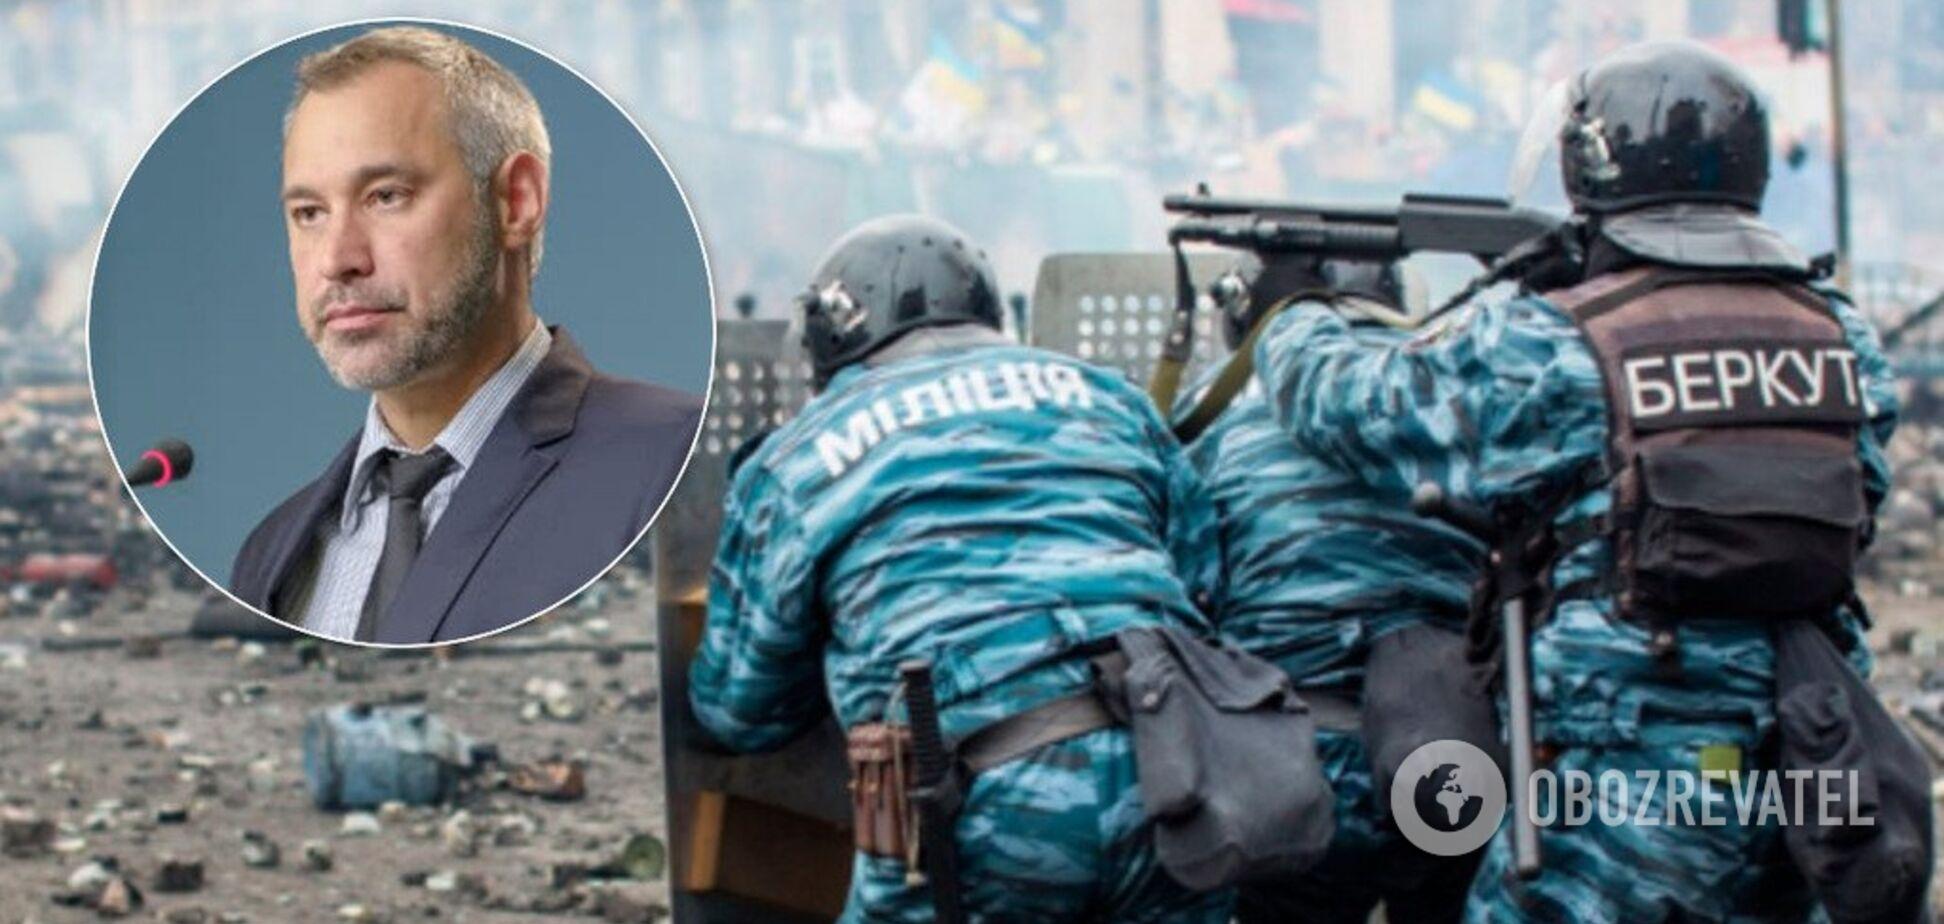 Рябошапка раскрыл судьбу обмененных экс-беркутовцев, которые вернулись в Киев